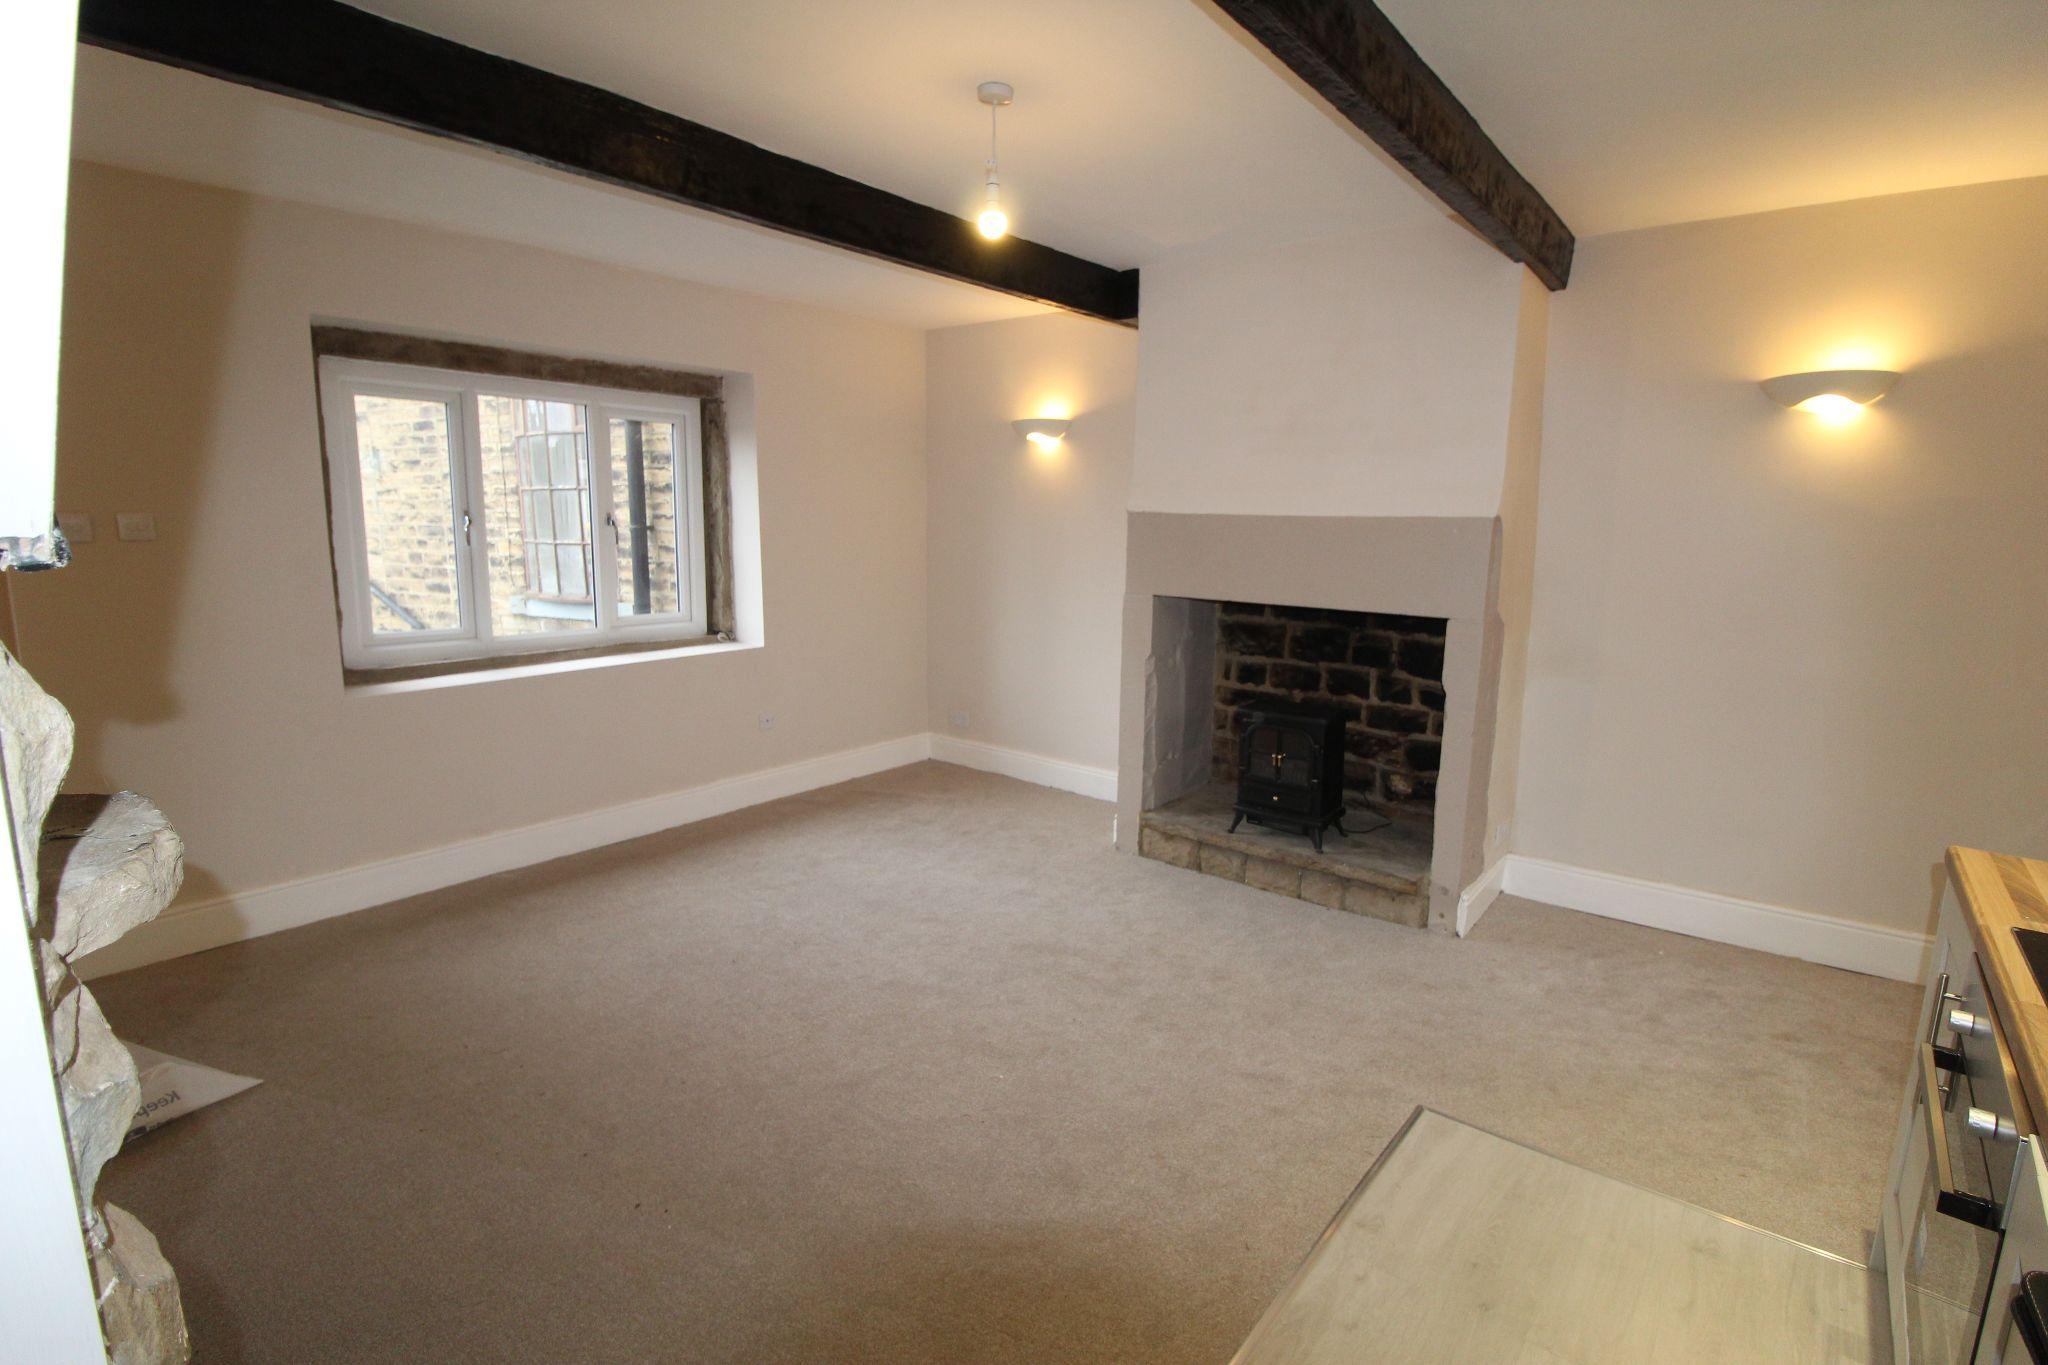 1 bedroom cottage house Let in Bradford - Lounge